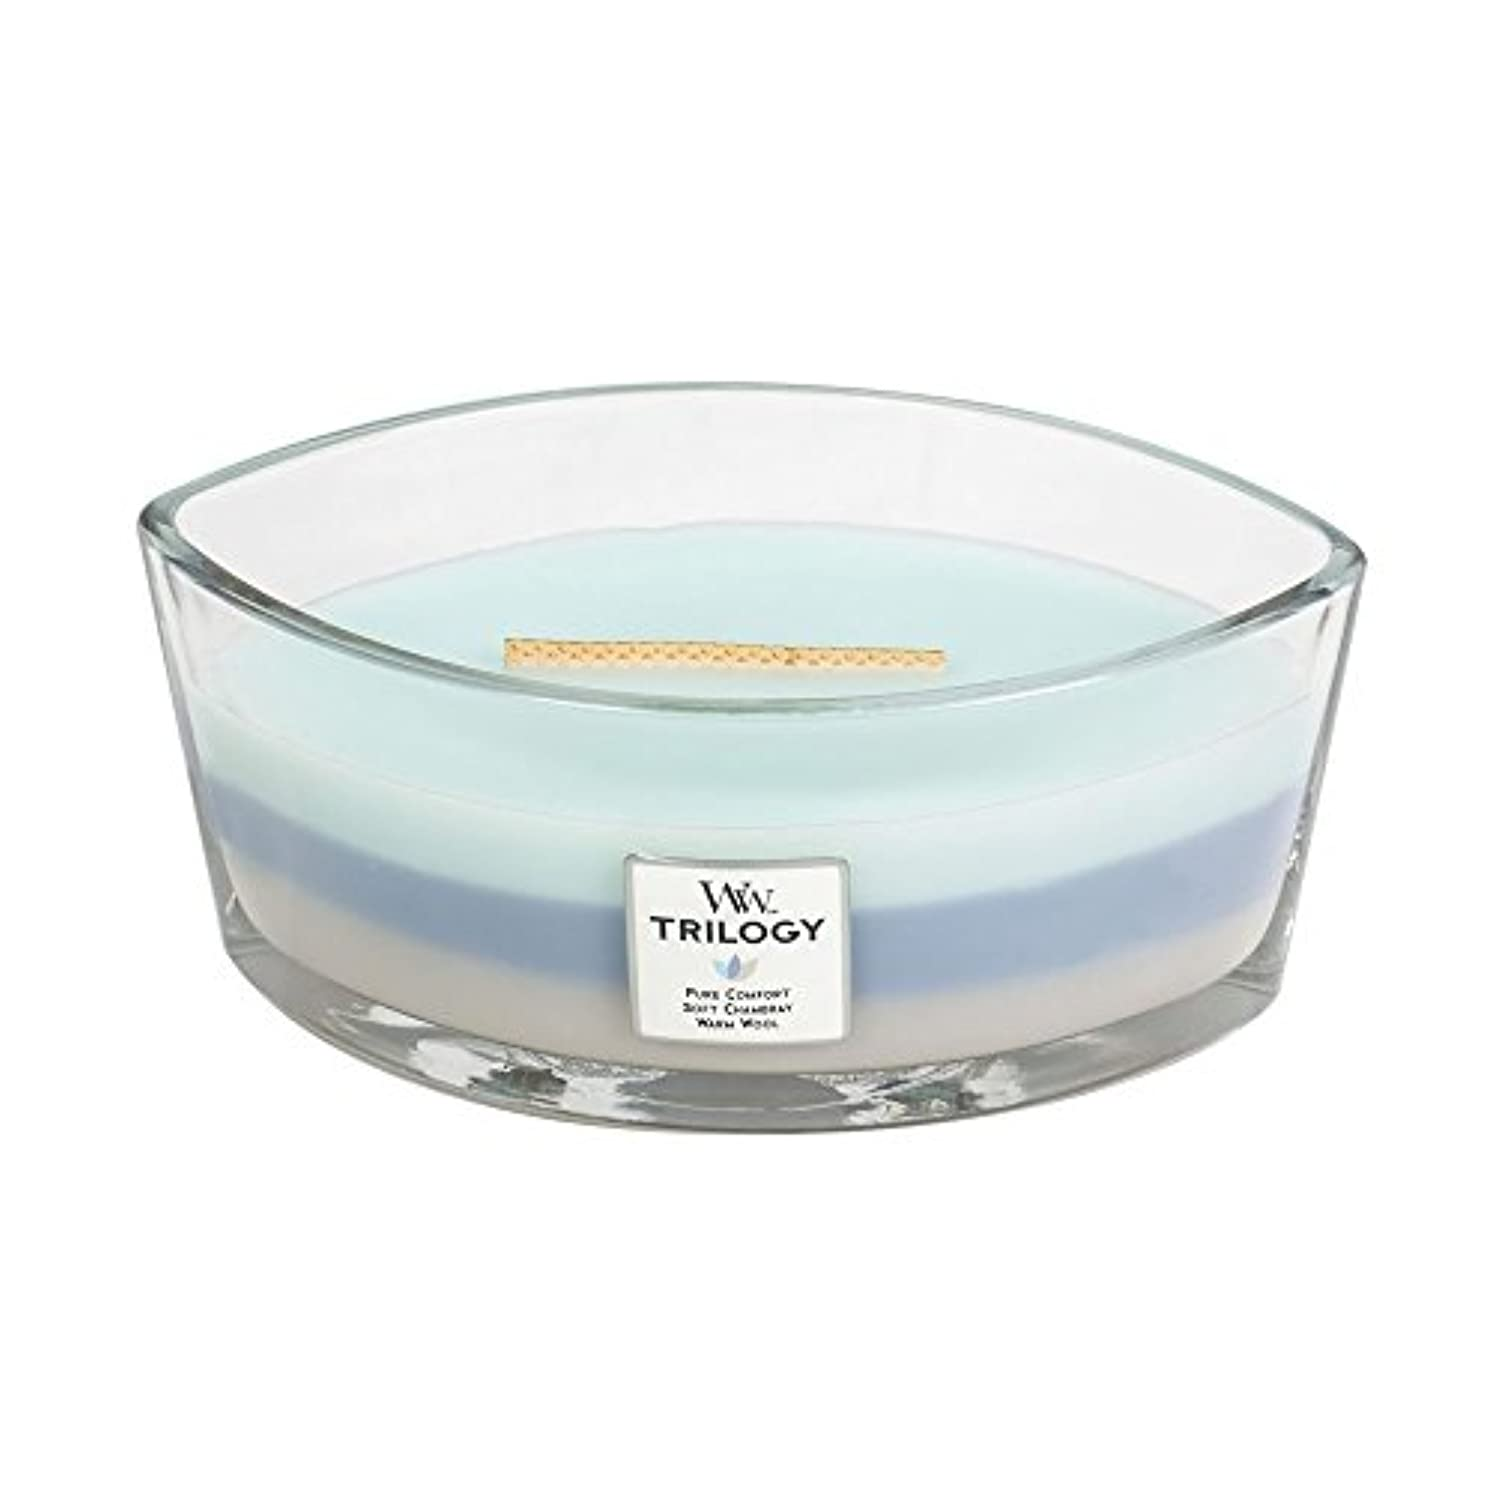 完璧再撮りバーストWoodWick Trilogy WOVEN COMFORTS, 3-in-1 Highly Scented Candle, Ellipse Glass Jar with Original HearthWick Flame...